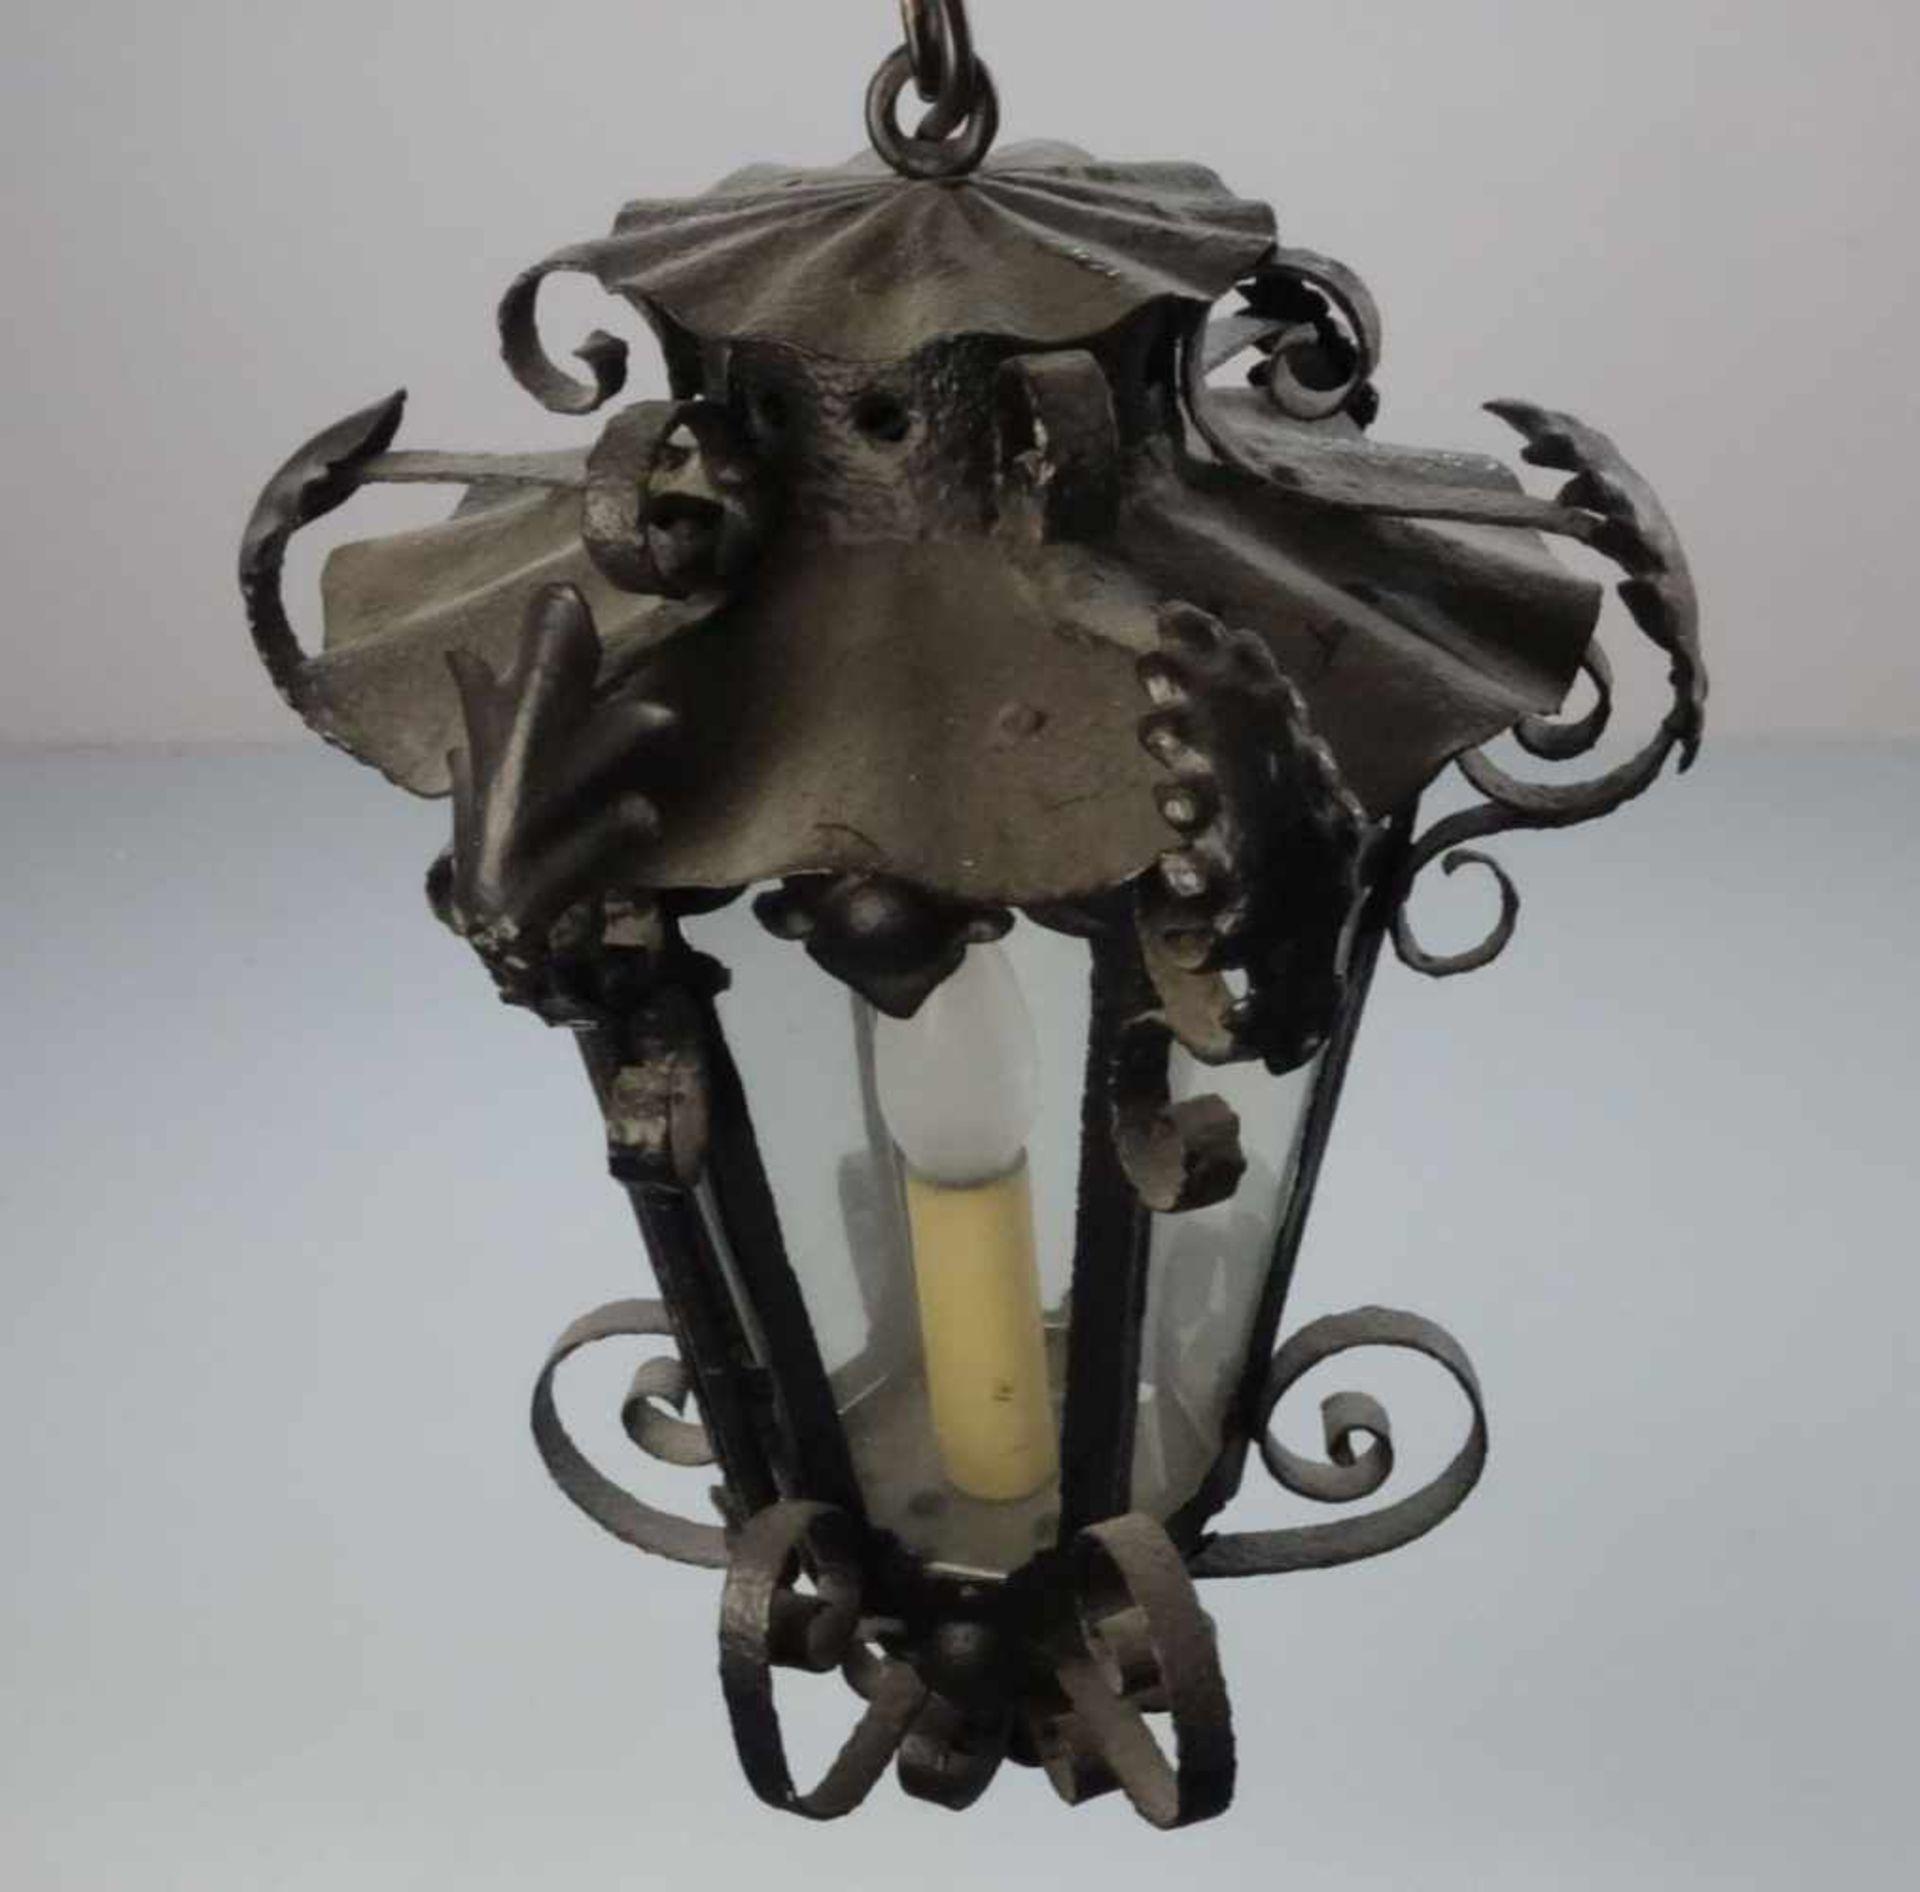 Los 281 - LATERNE / DECKENLAMPE, geschmiedetes Eisen, schwarz lackiert, einflammig elektrifiziert....